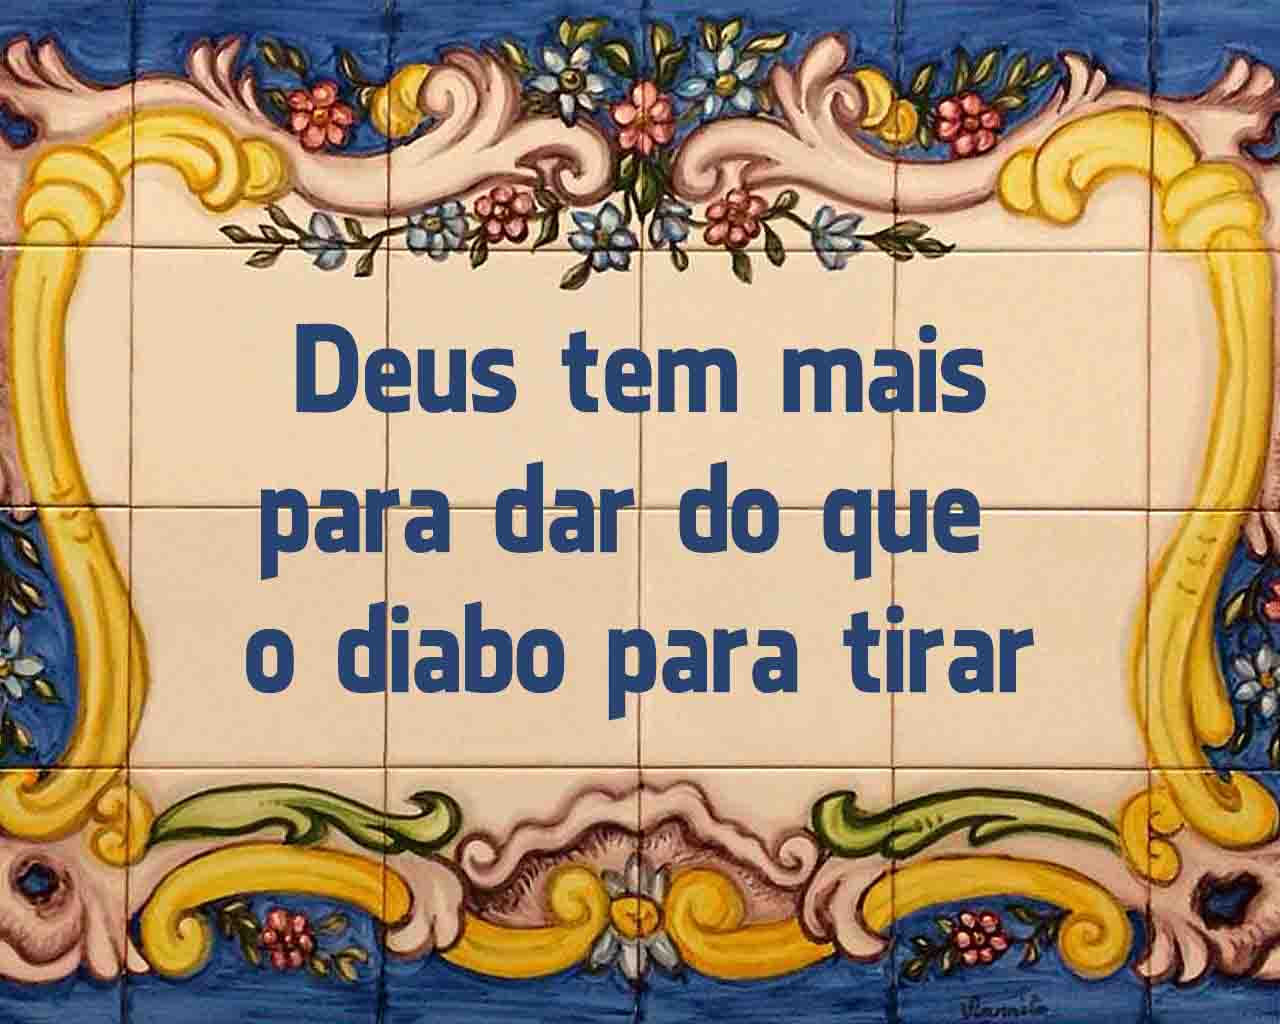 30 dos melhores Provérbios Portugueses